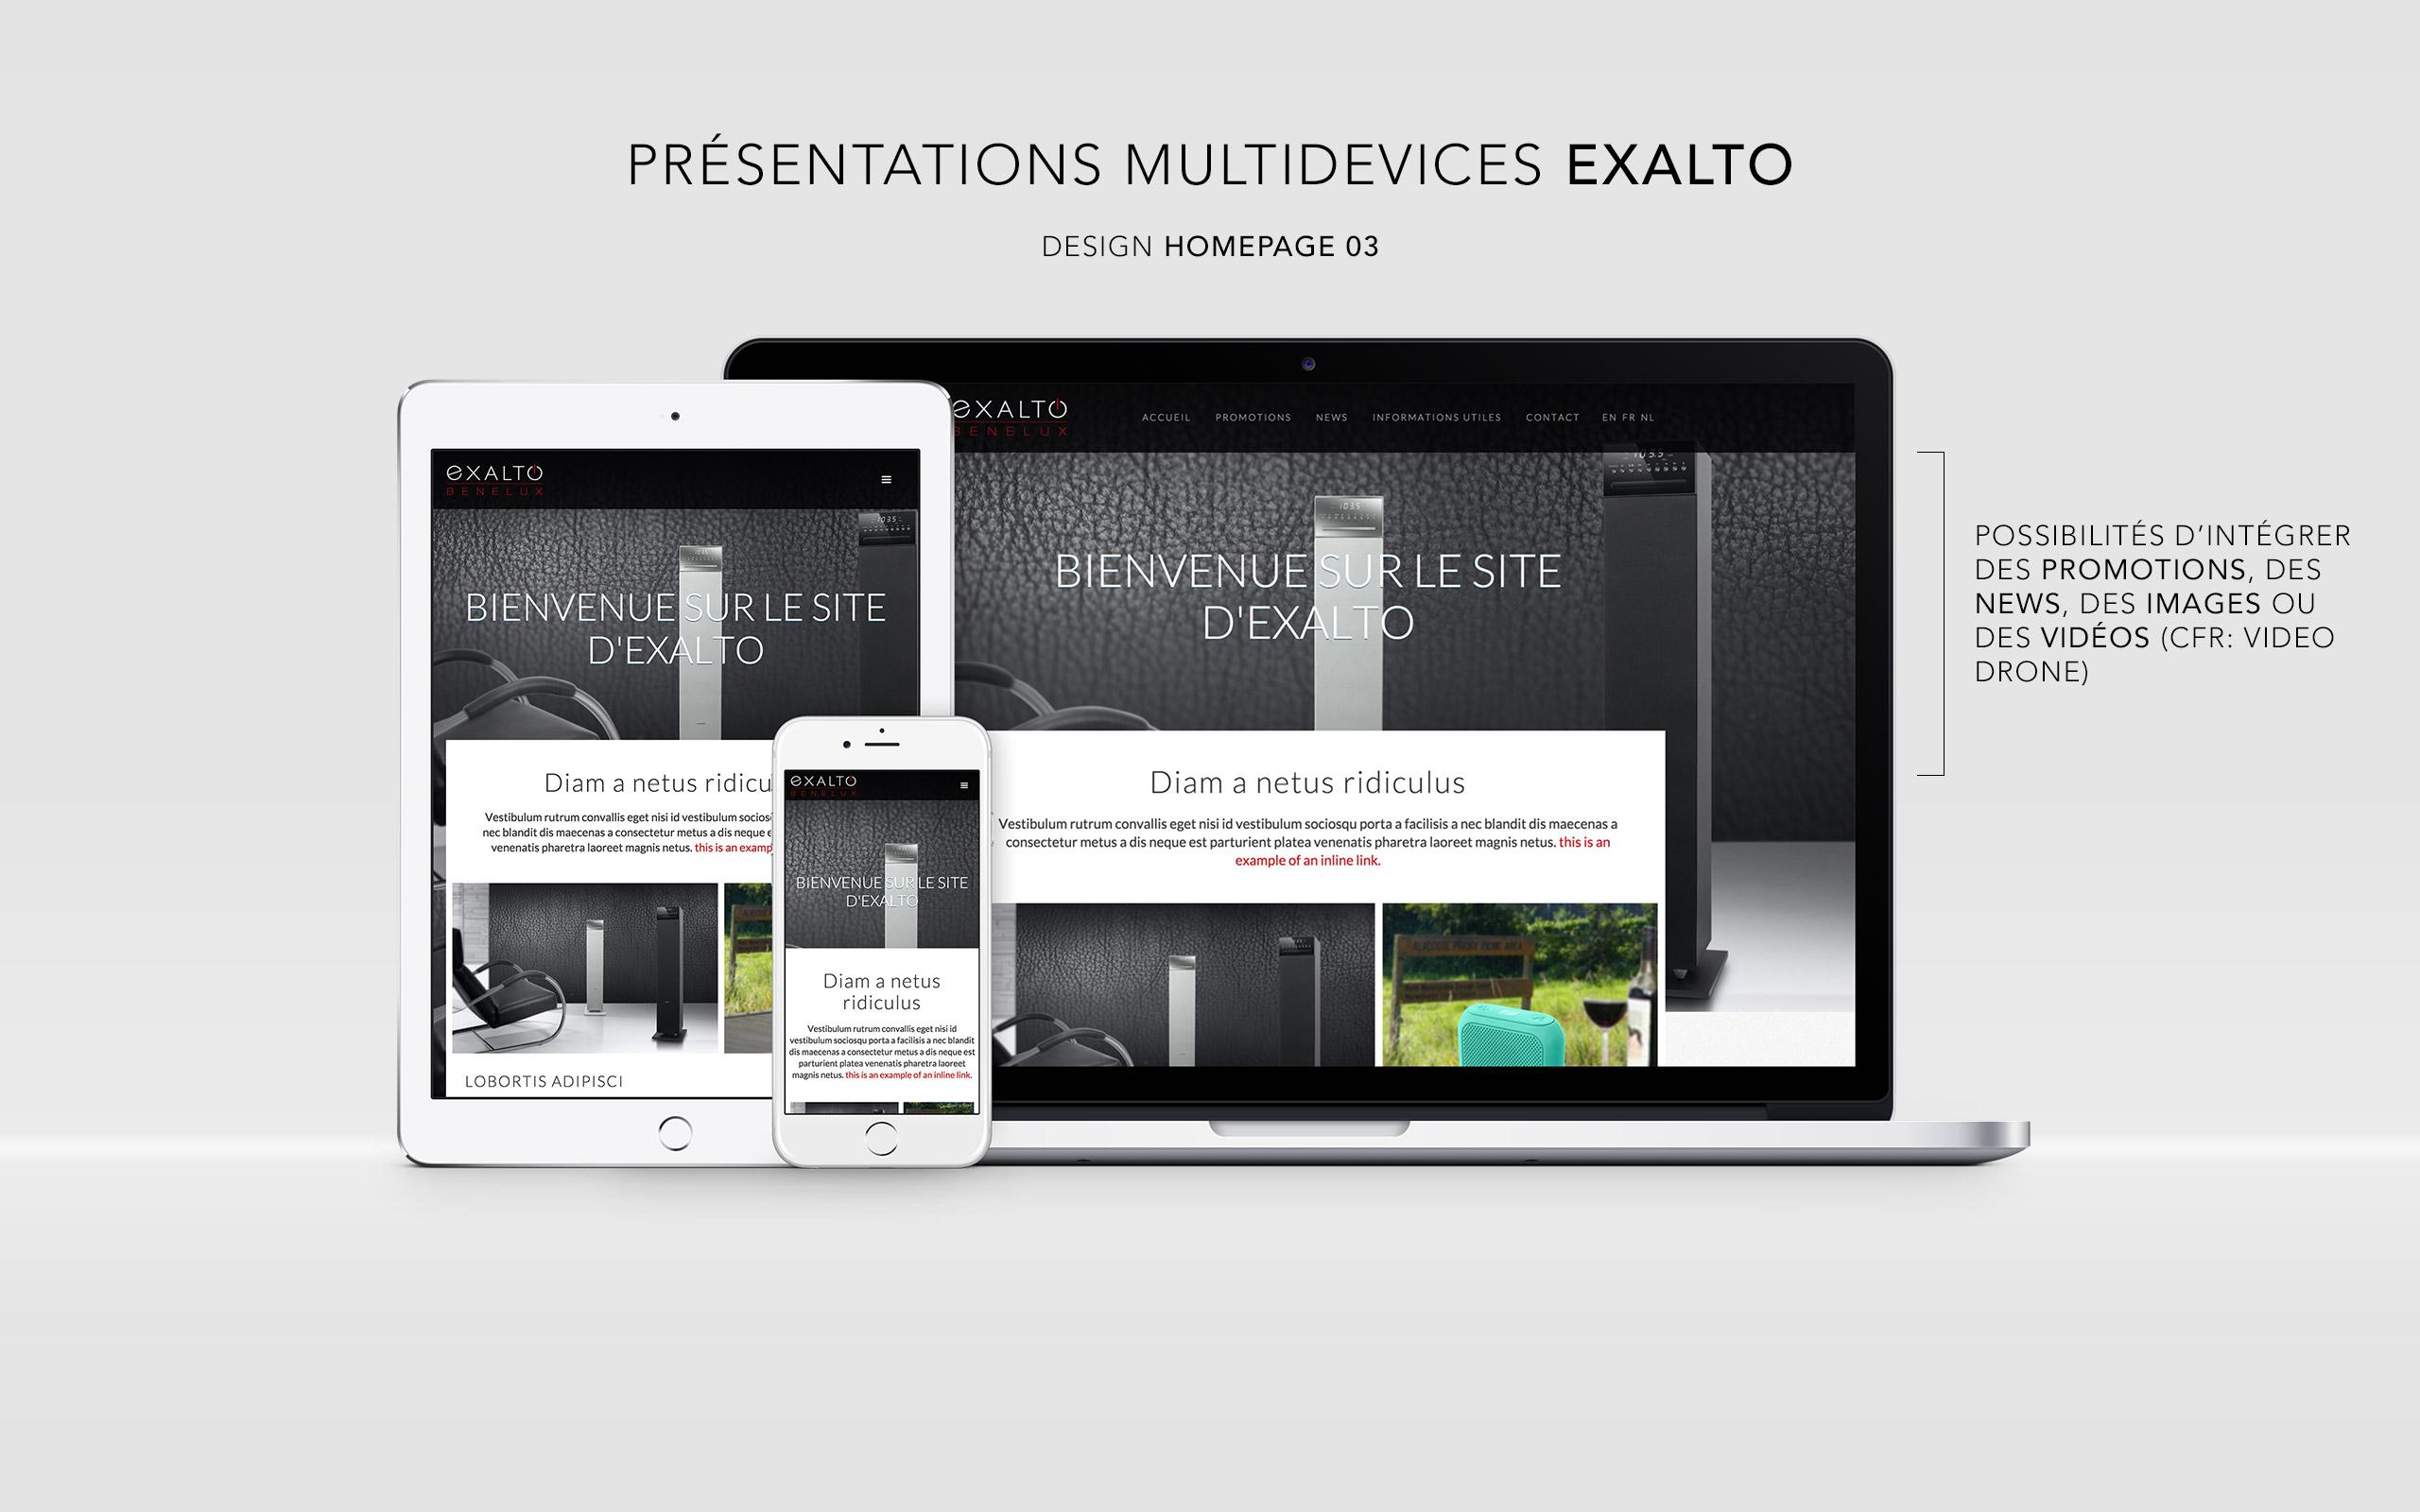 Exalto website